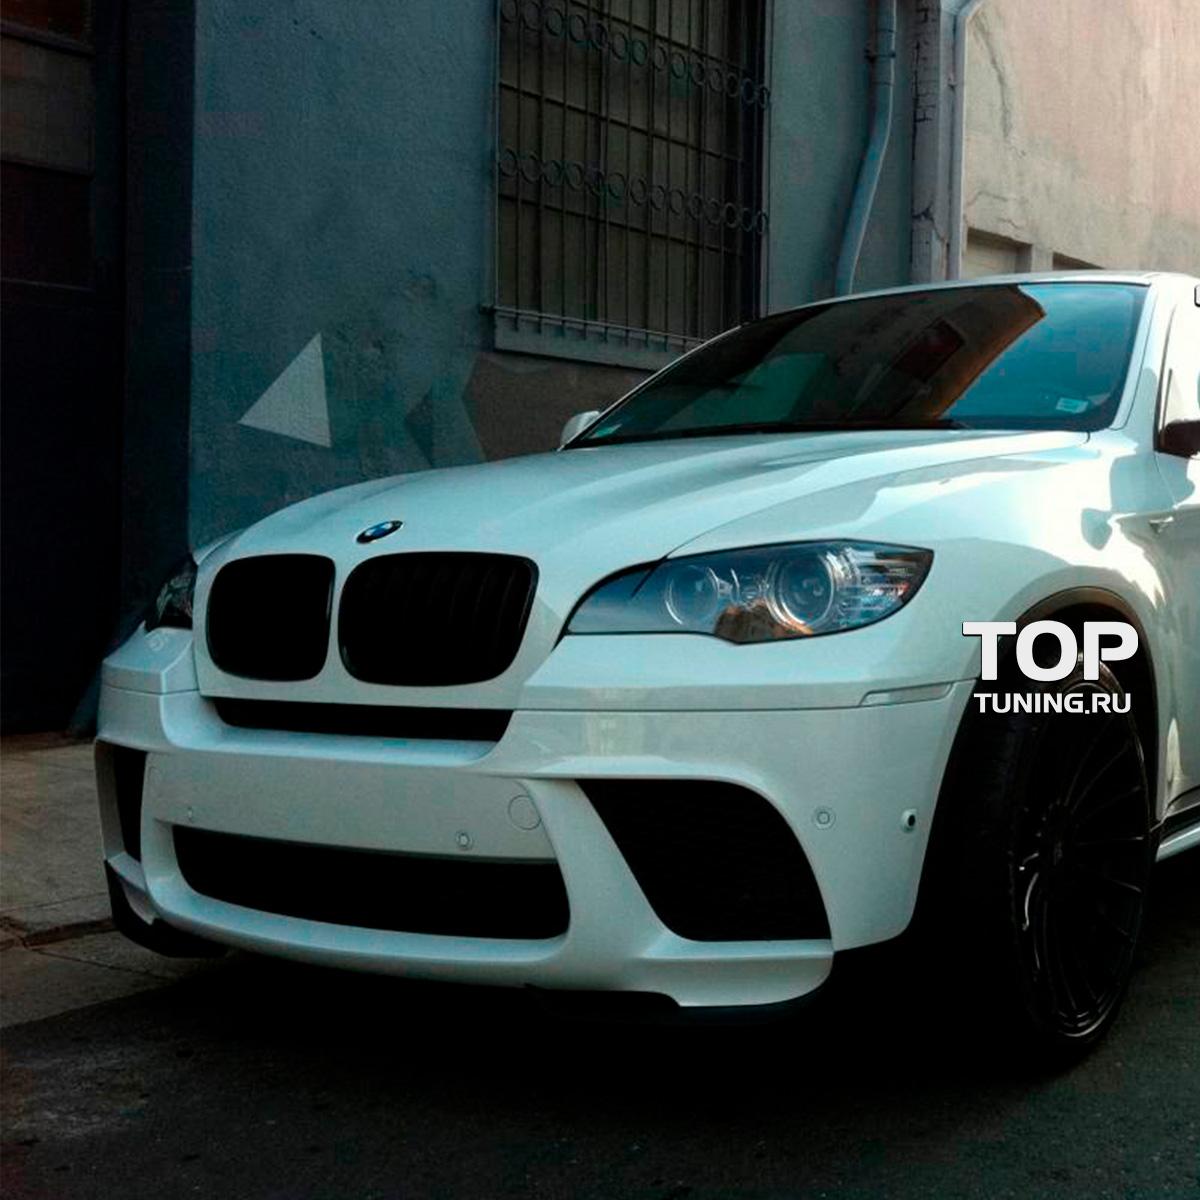 Bmw X6 Styling: Передний бампер Performance Style на BMW X6 E71